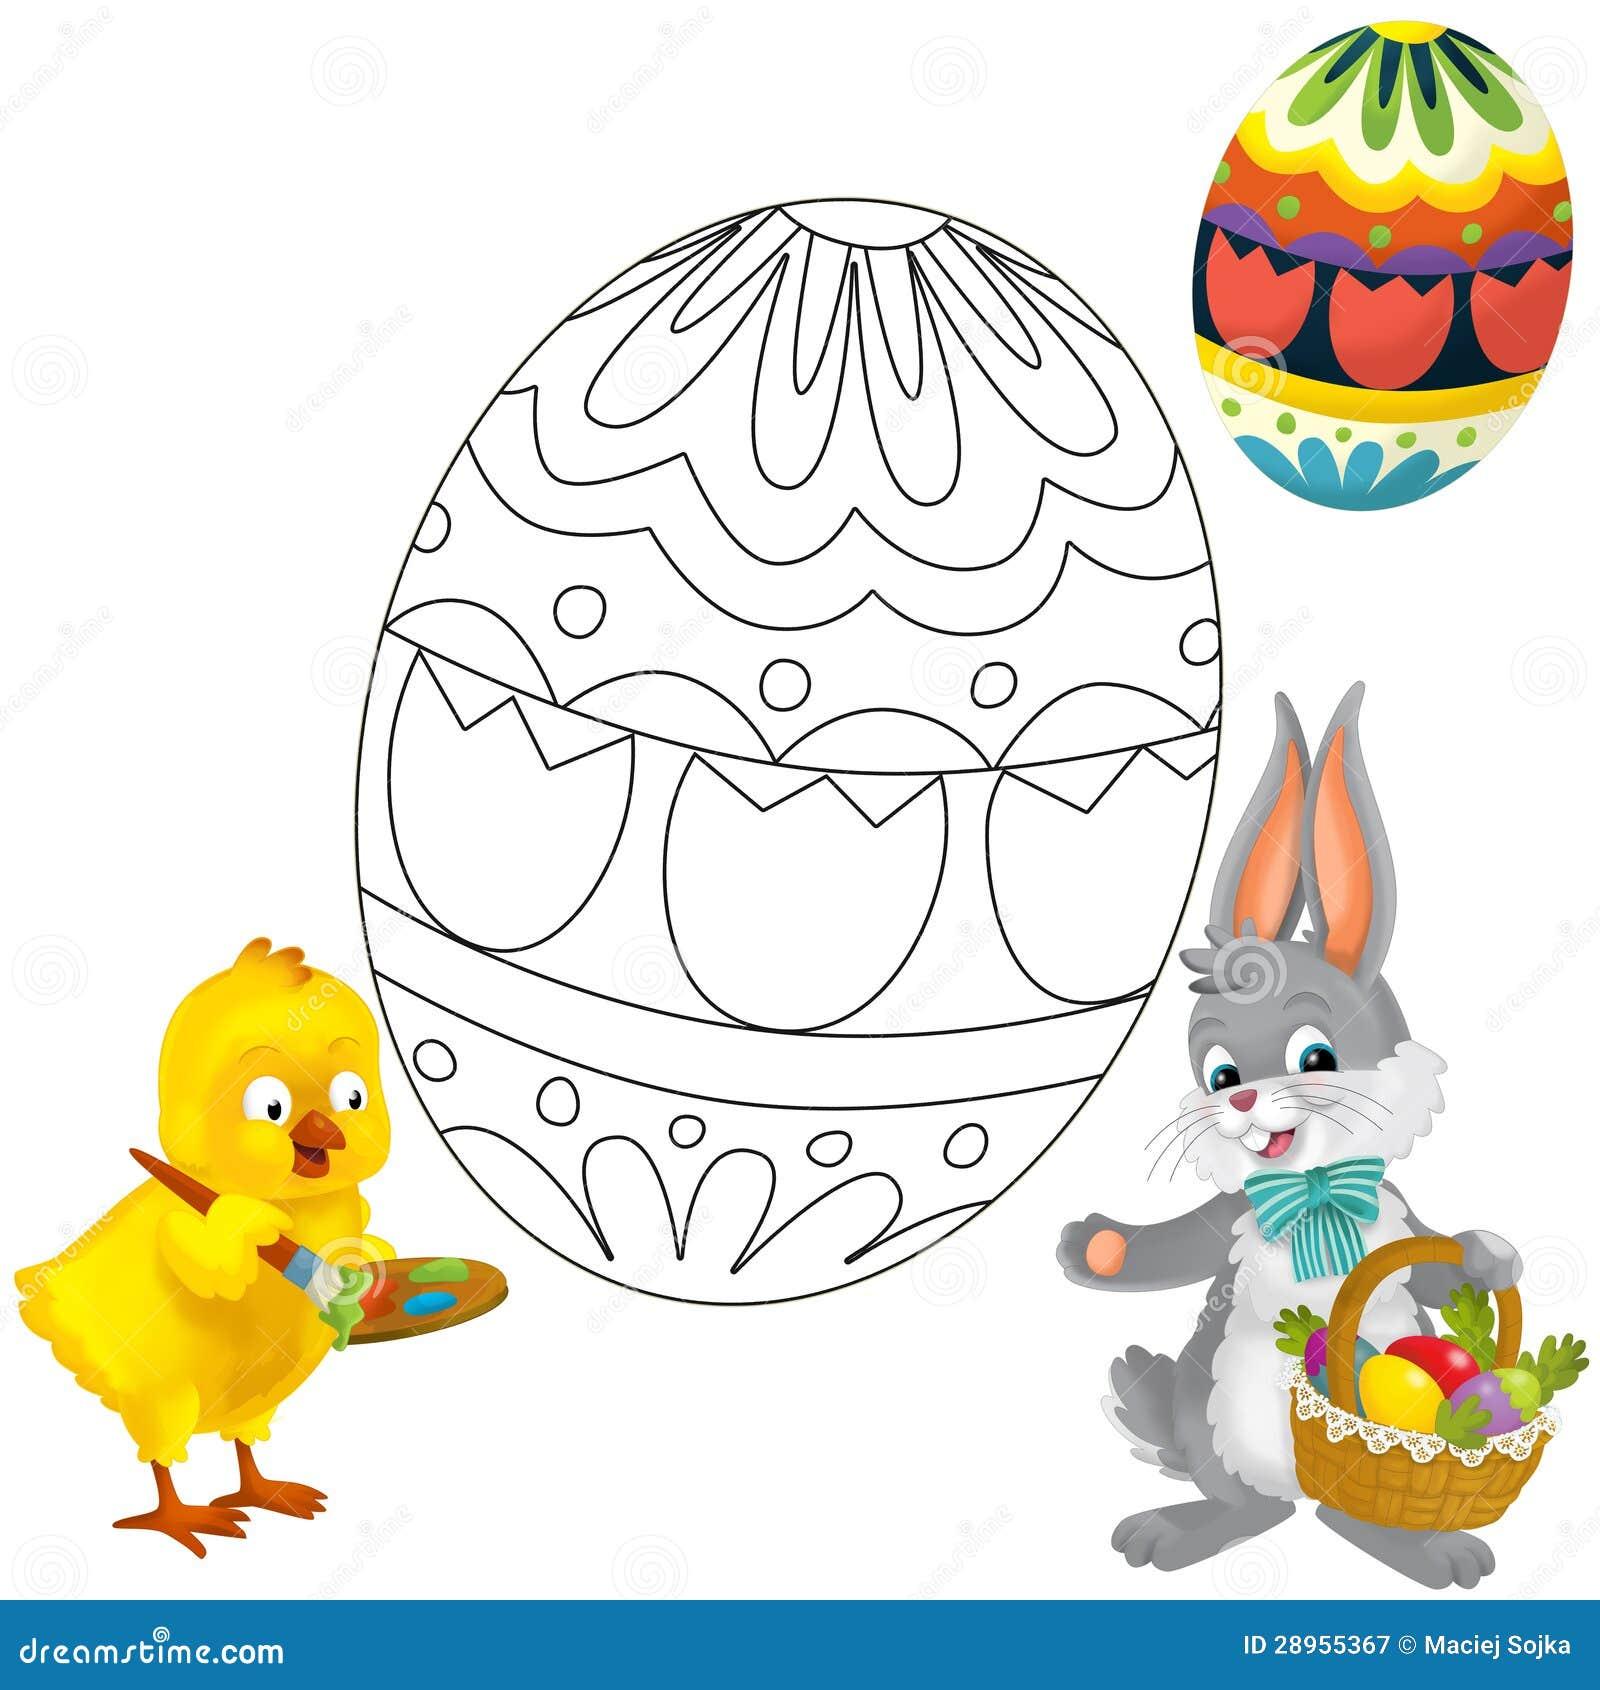 Kolorystyka talerz - Easter